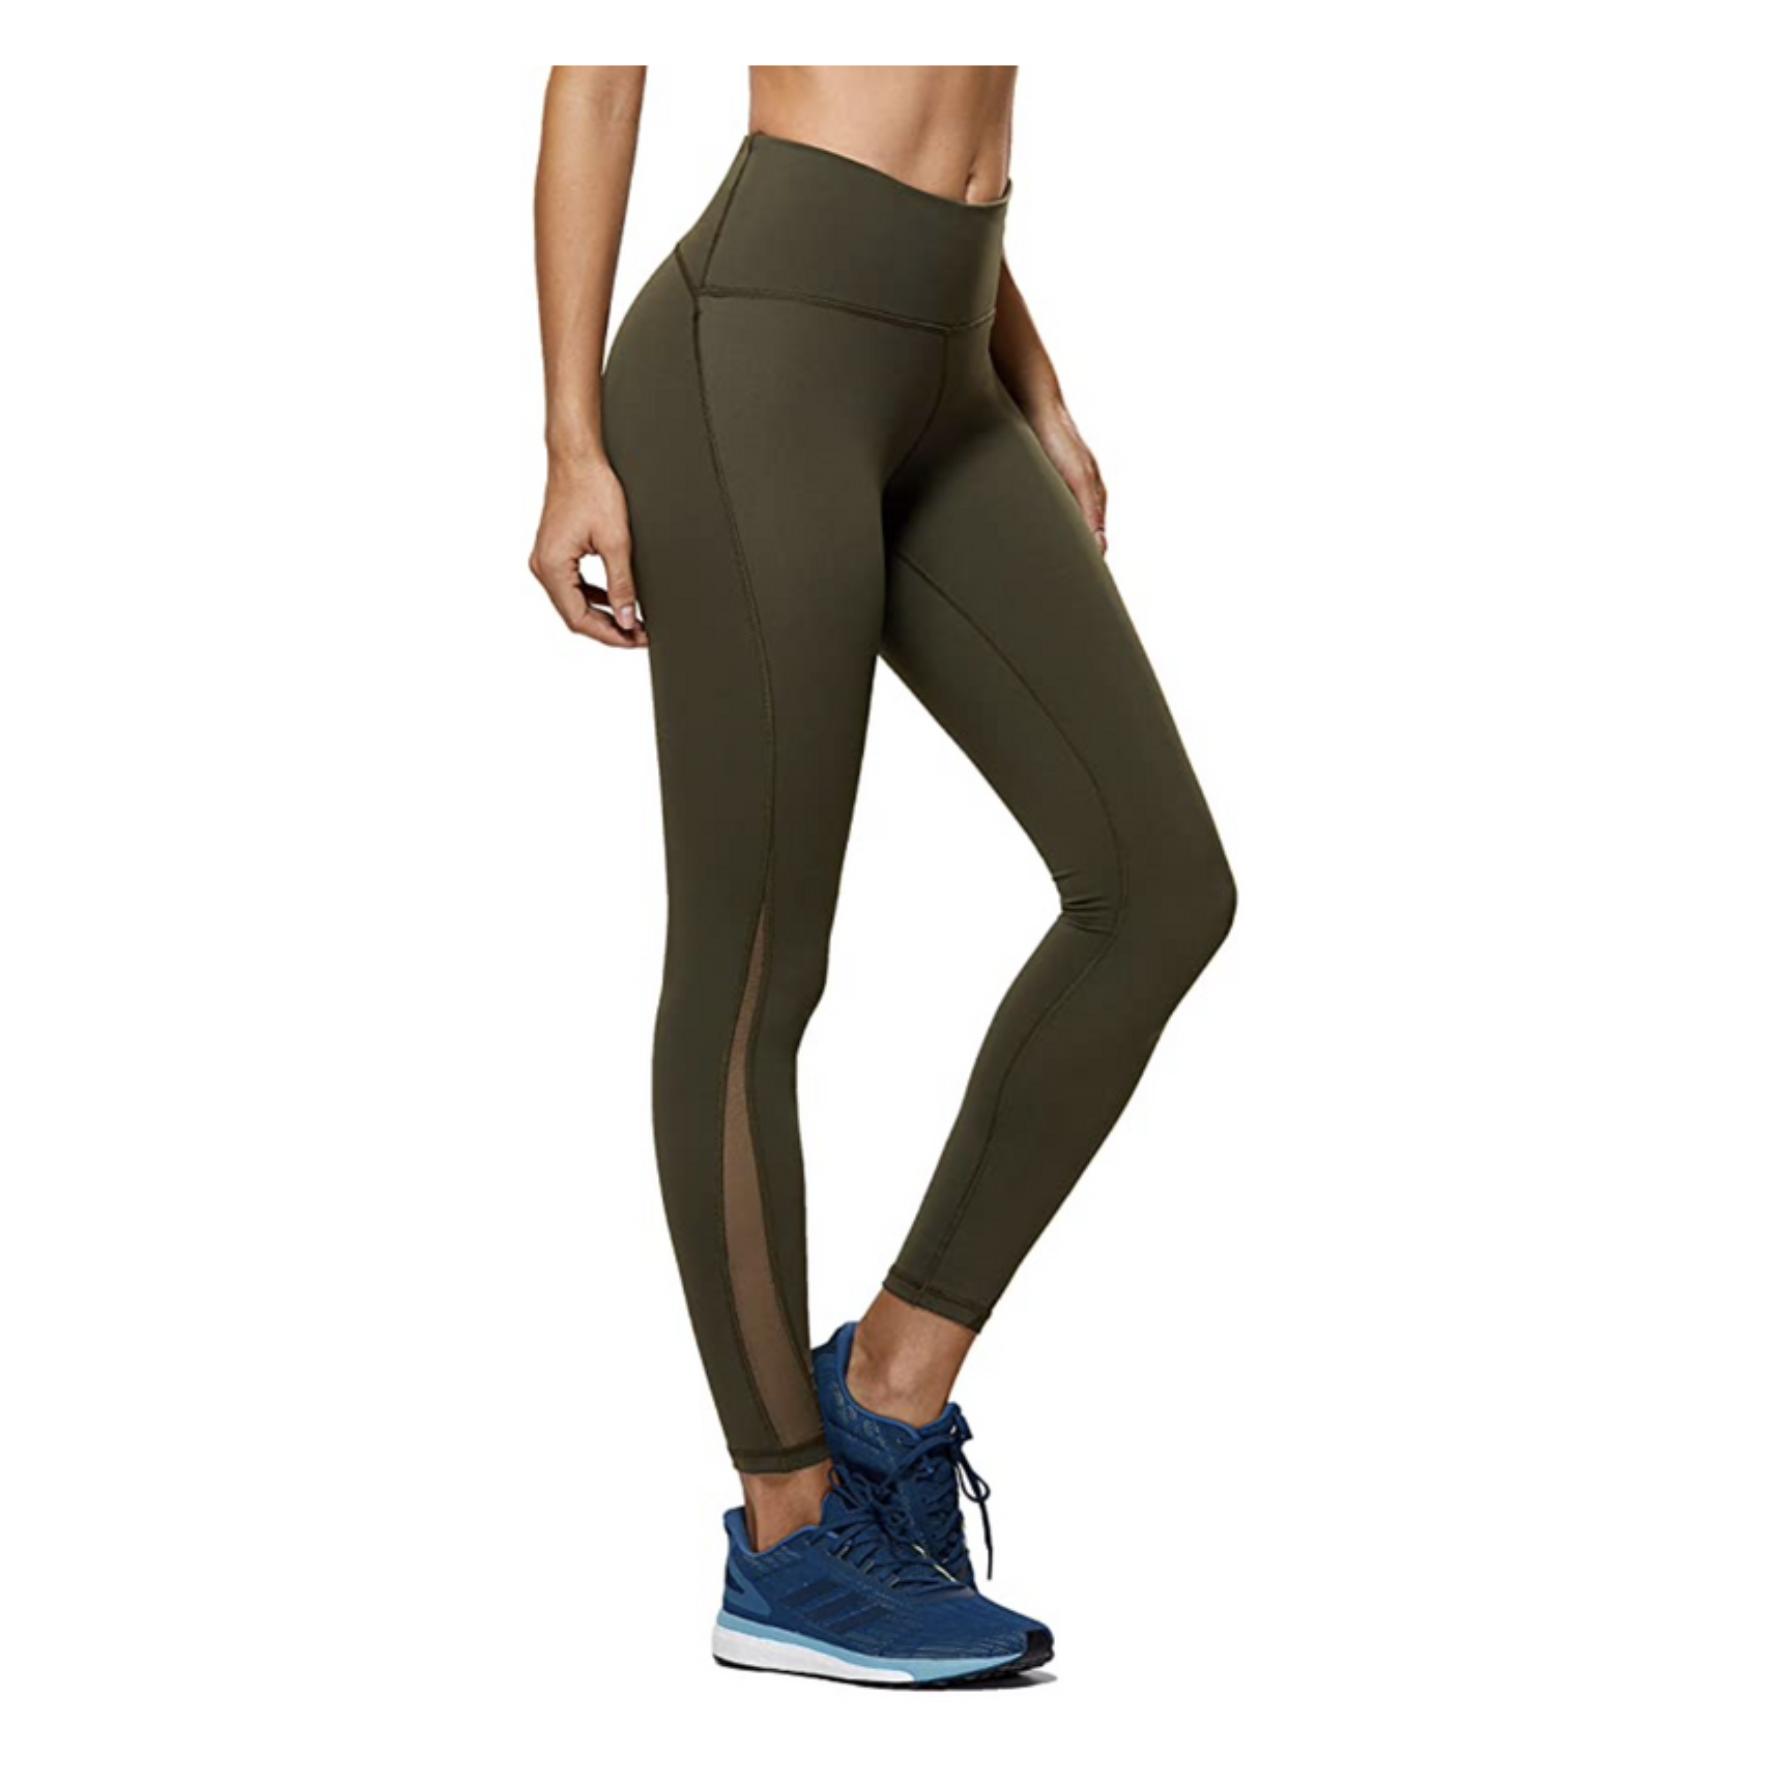 CRZ New Yoga Leggings